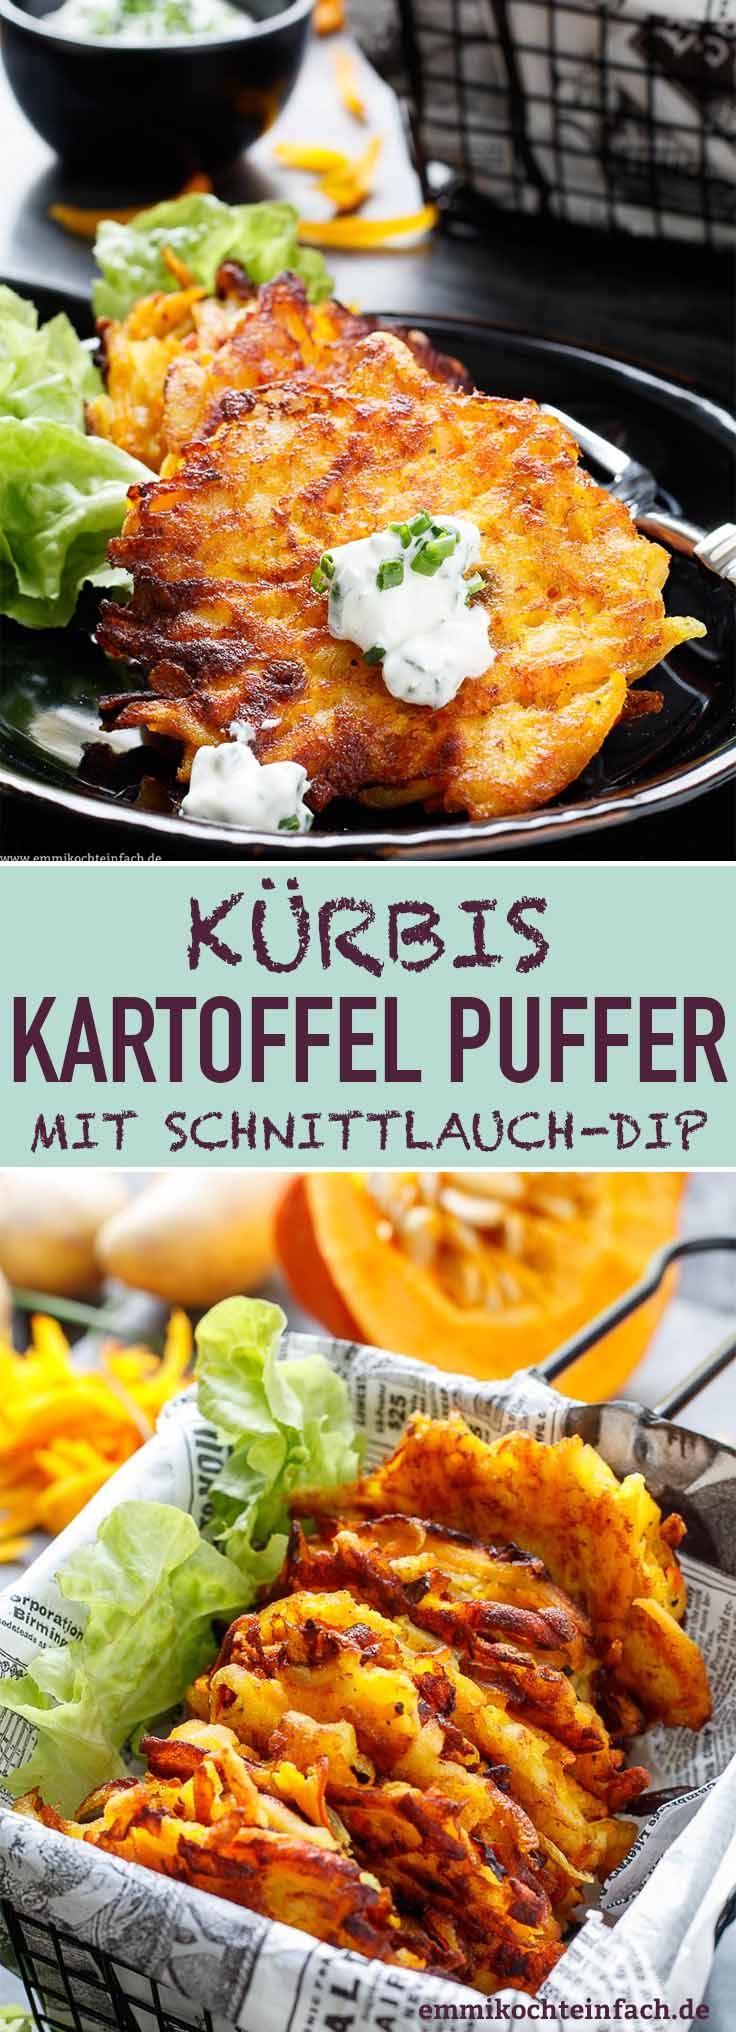 Kürbis Kartoffel Puffer mit Schnittlauch-Dip - emmikochteinfach